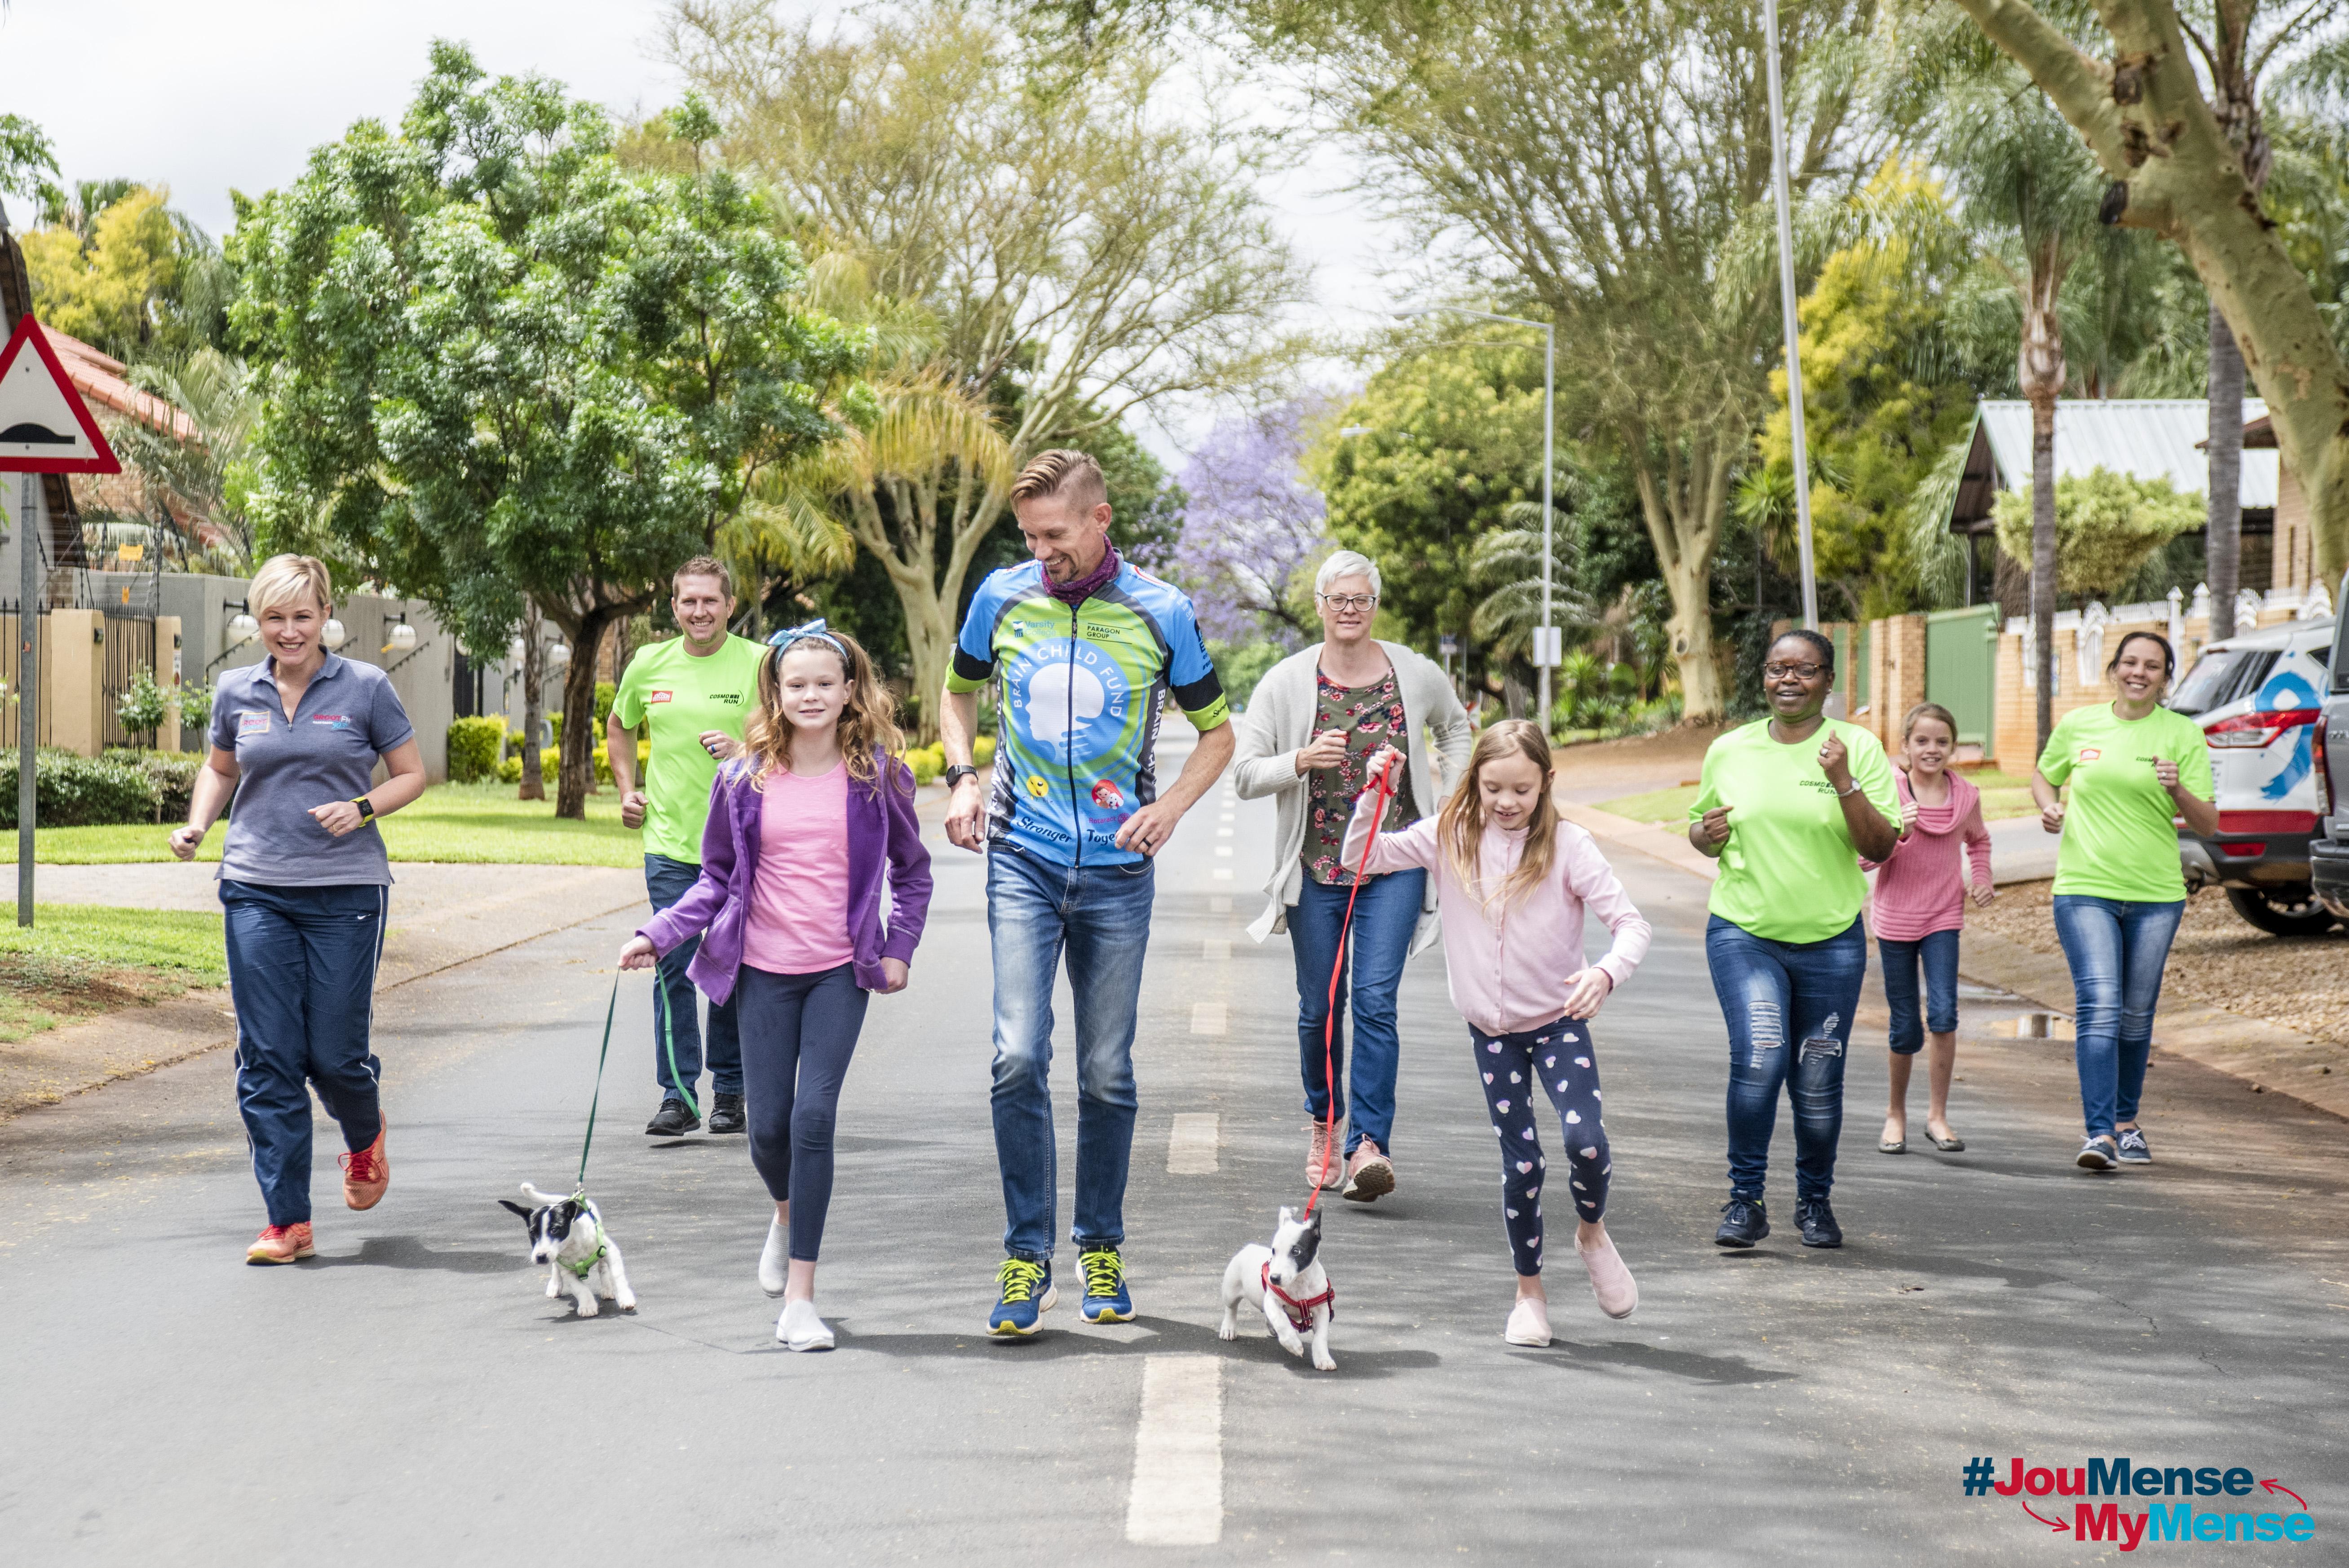 #JouMenseMyMense saam met SPAR – Rupert van Vuuren se 1000 marathonne vir kinders